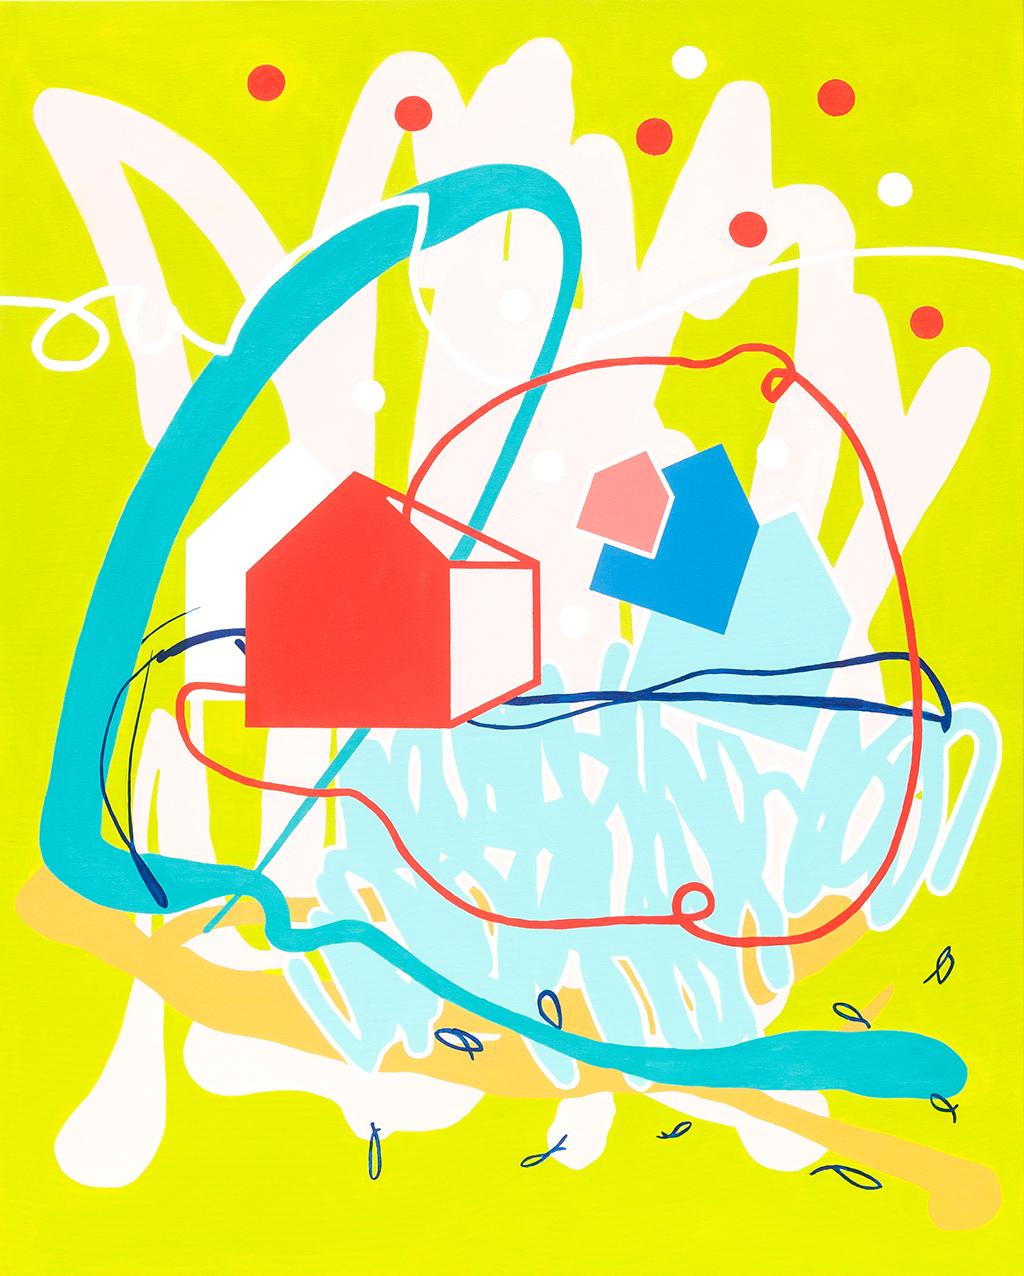 Losdias son colores 04.ABB